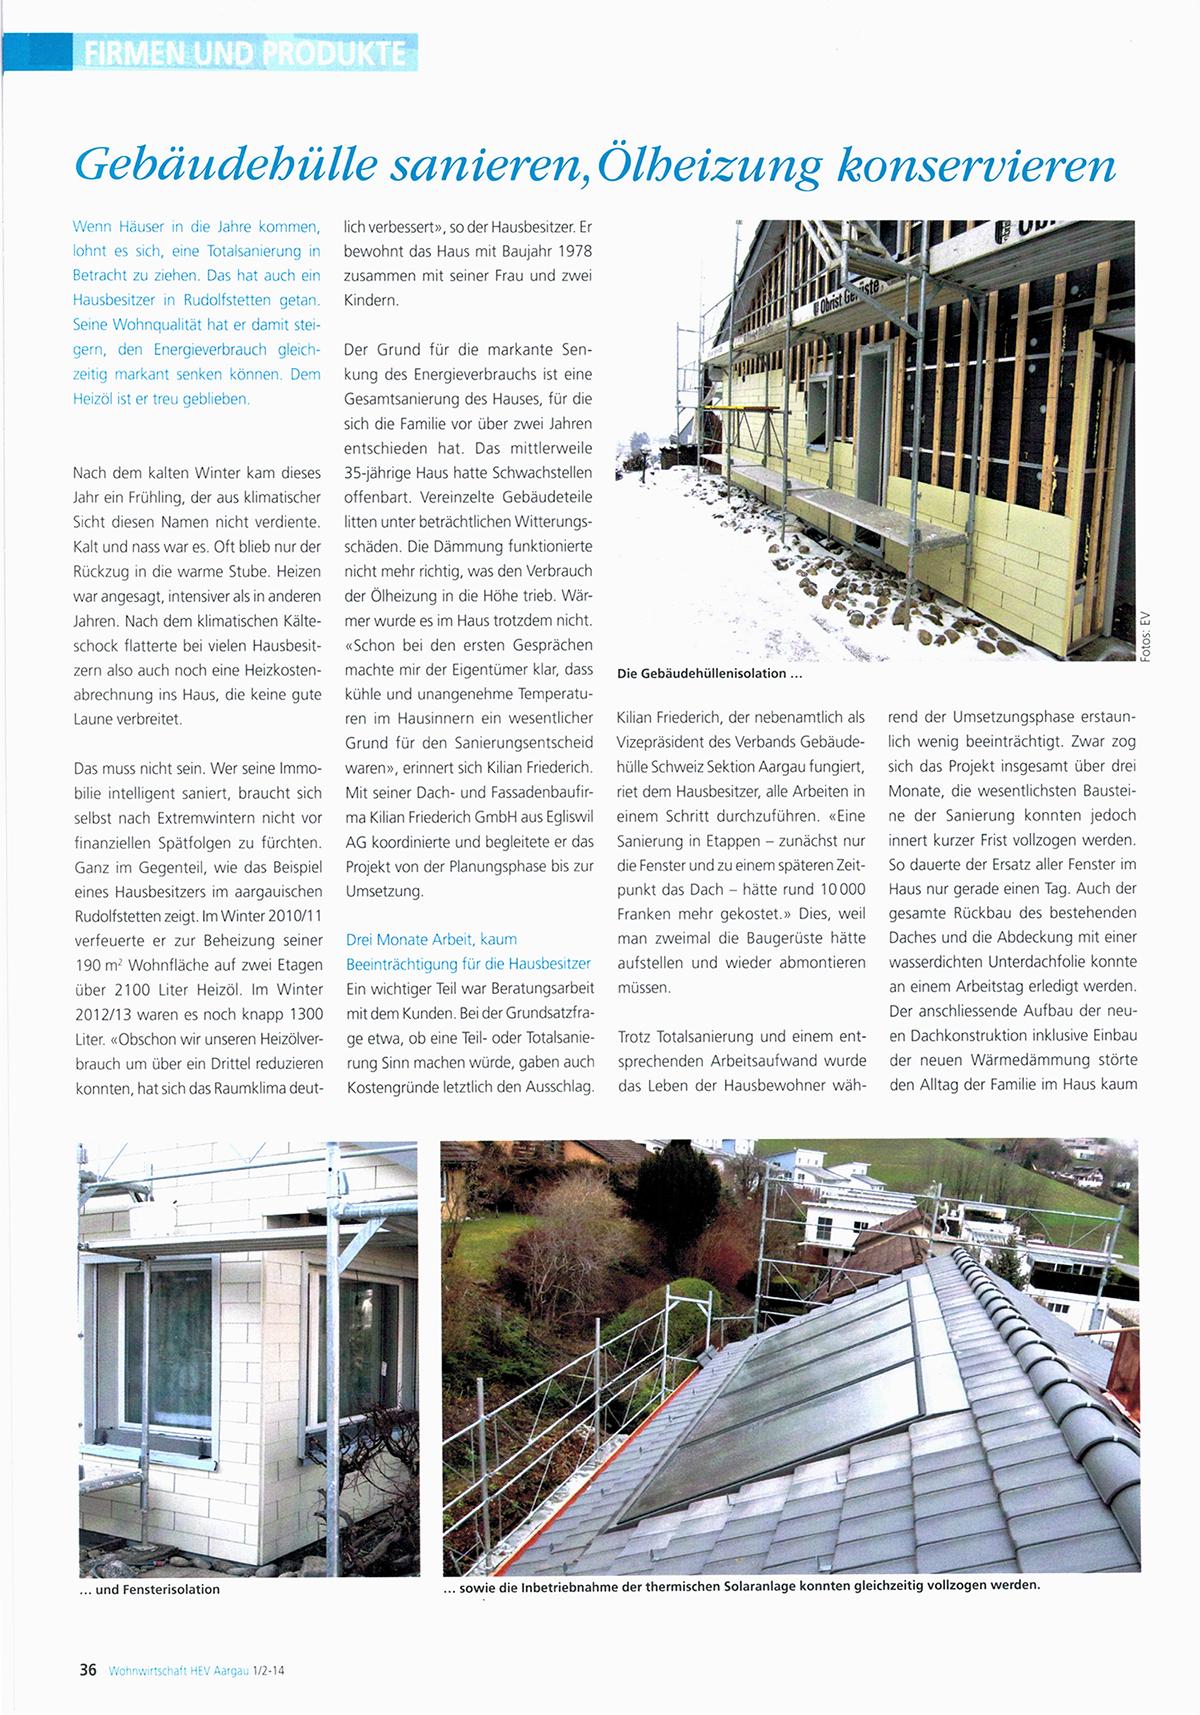 Gebäudehüllen sanieren, Ölheizung konservieren